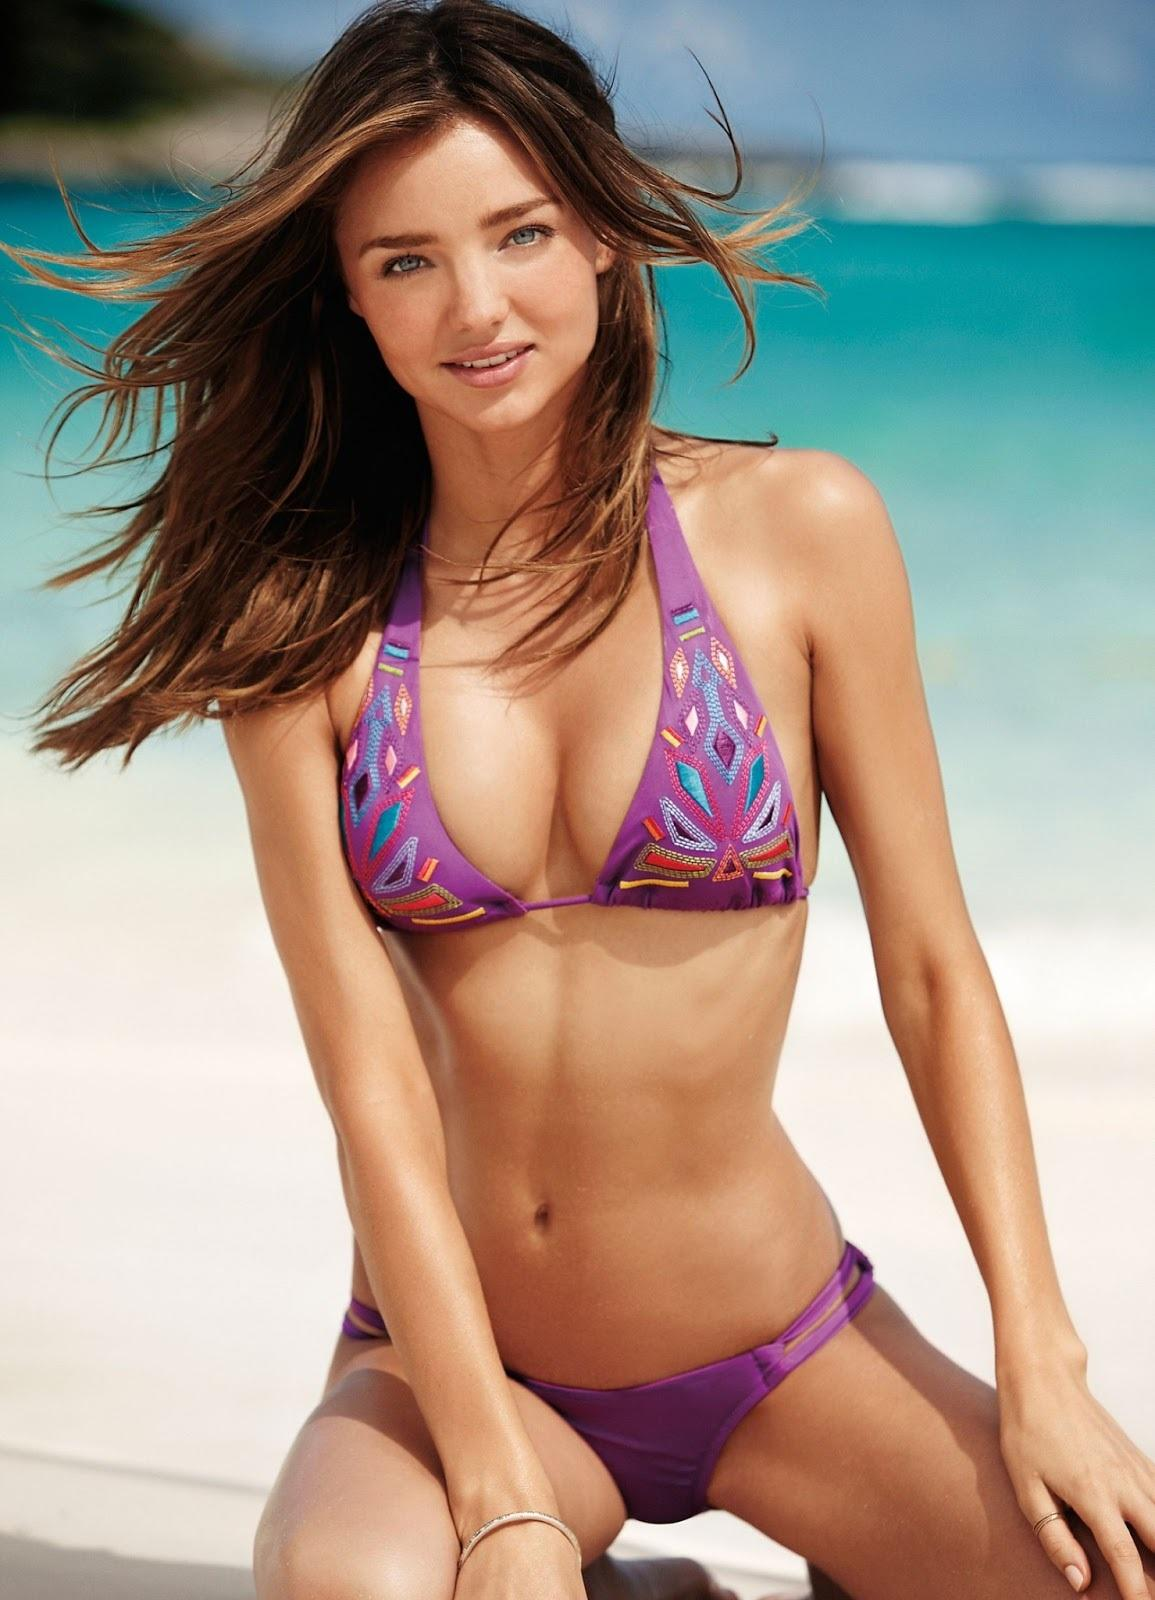 Miranda Kerr en bikini sur la plage